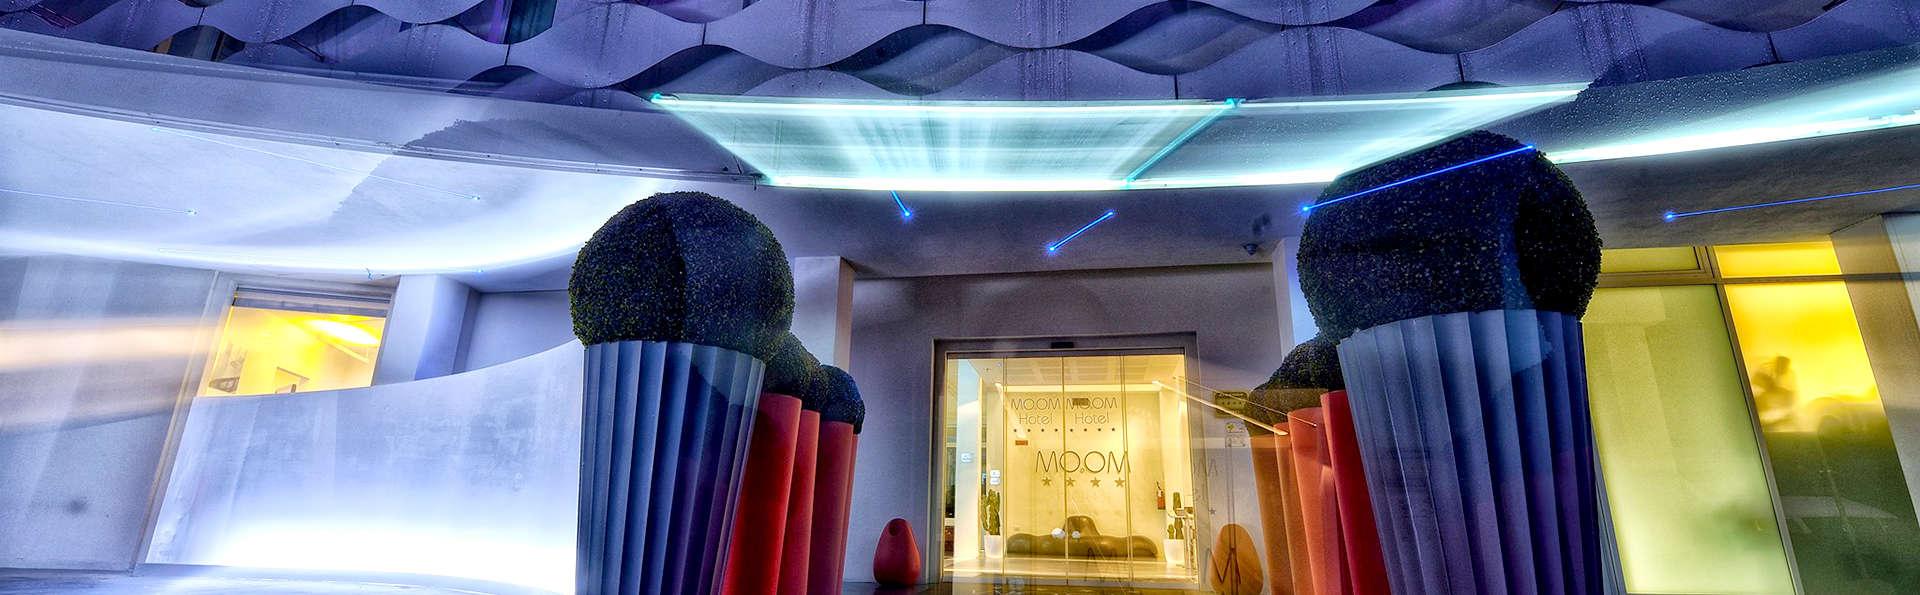 Ambiance moderne dans un hôtel design près de Milan